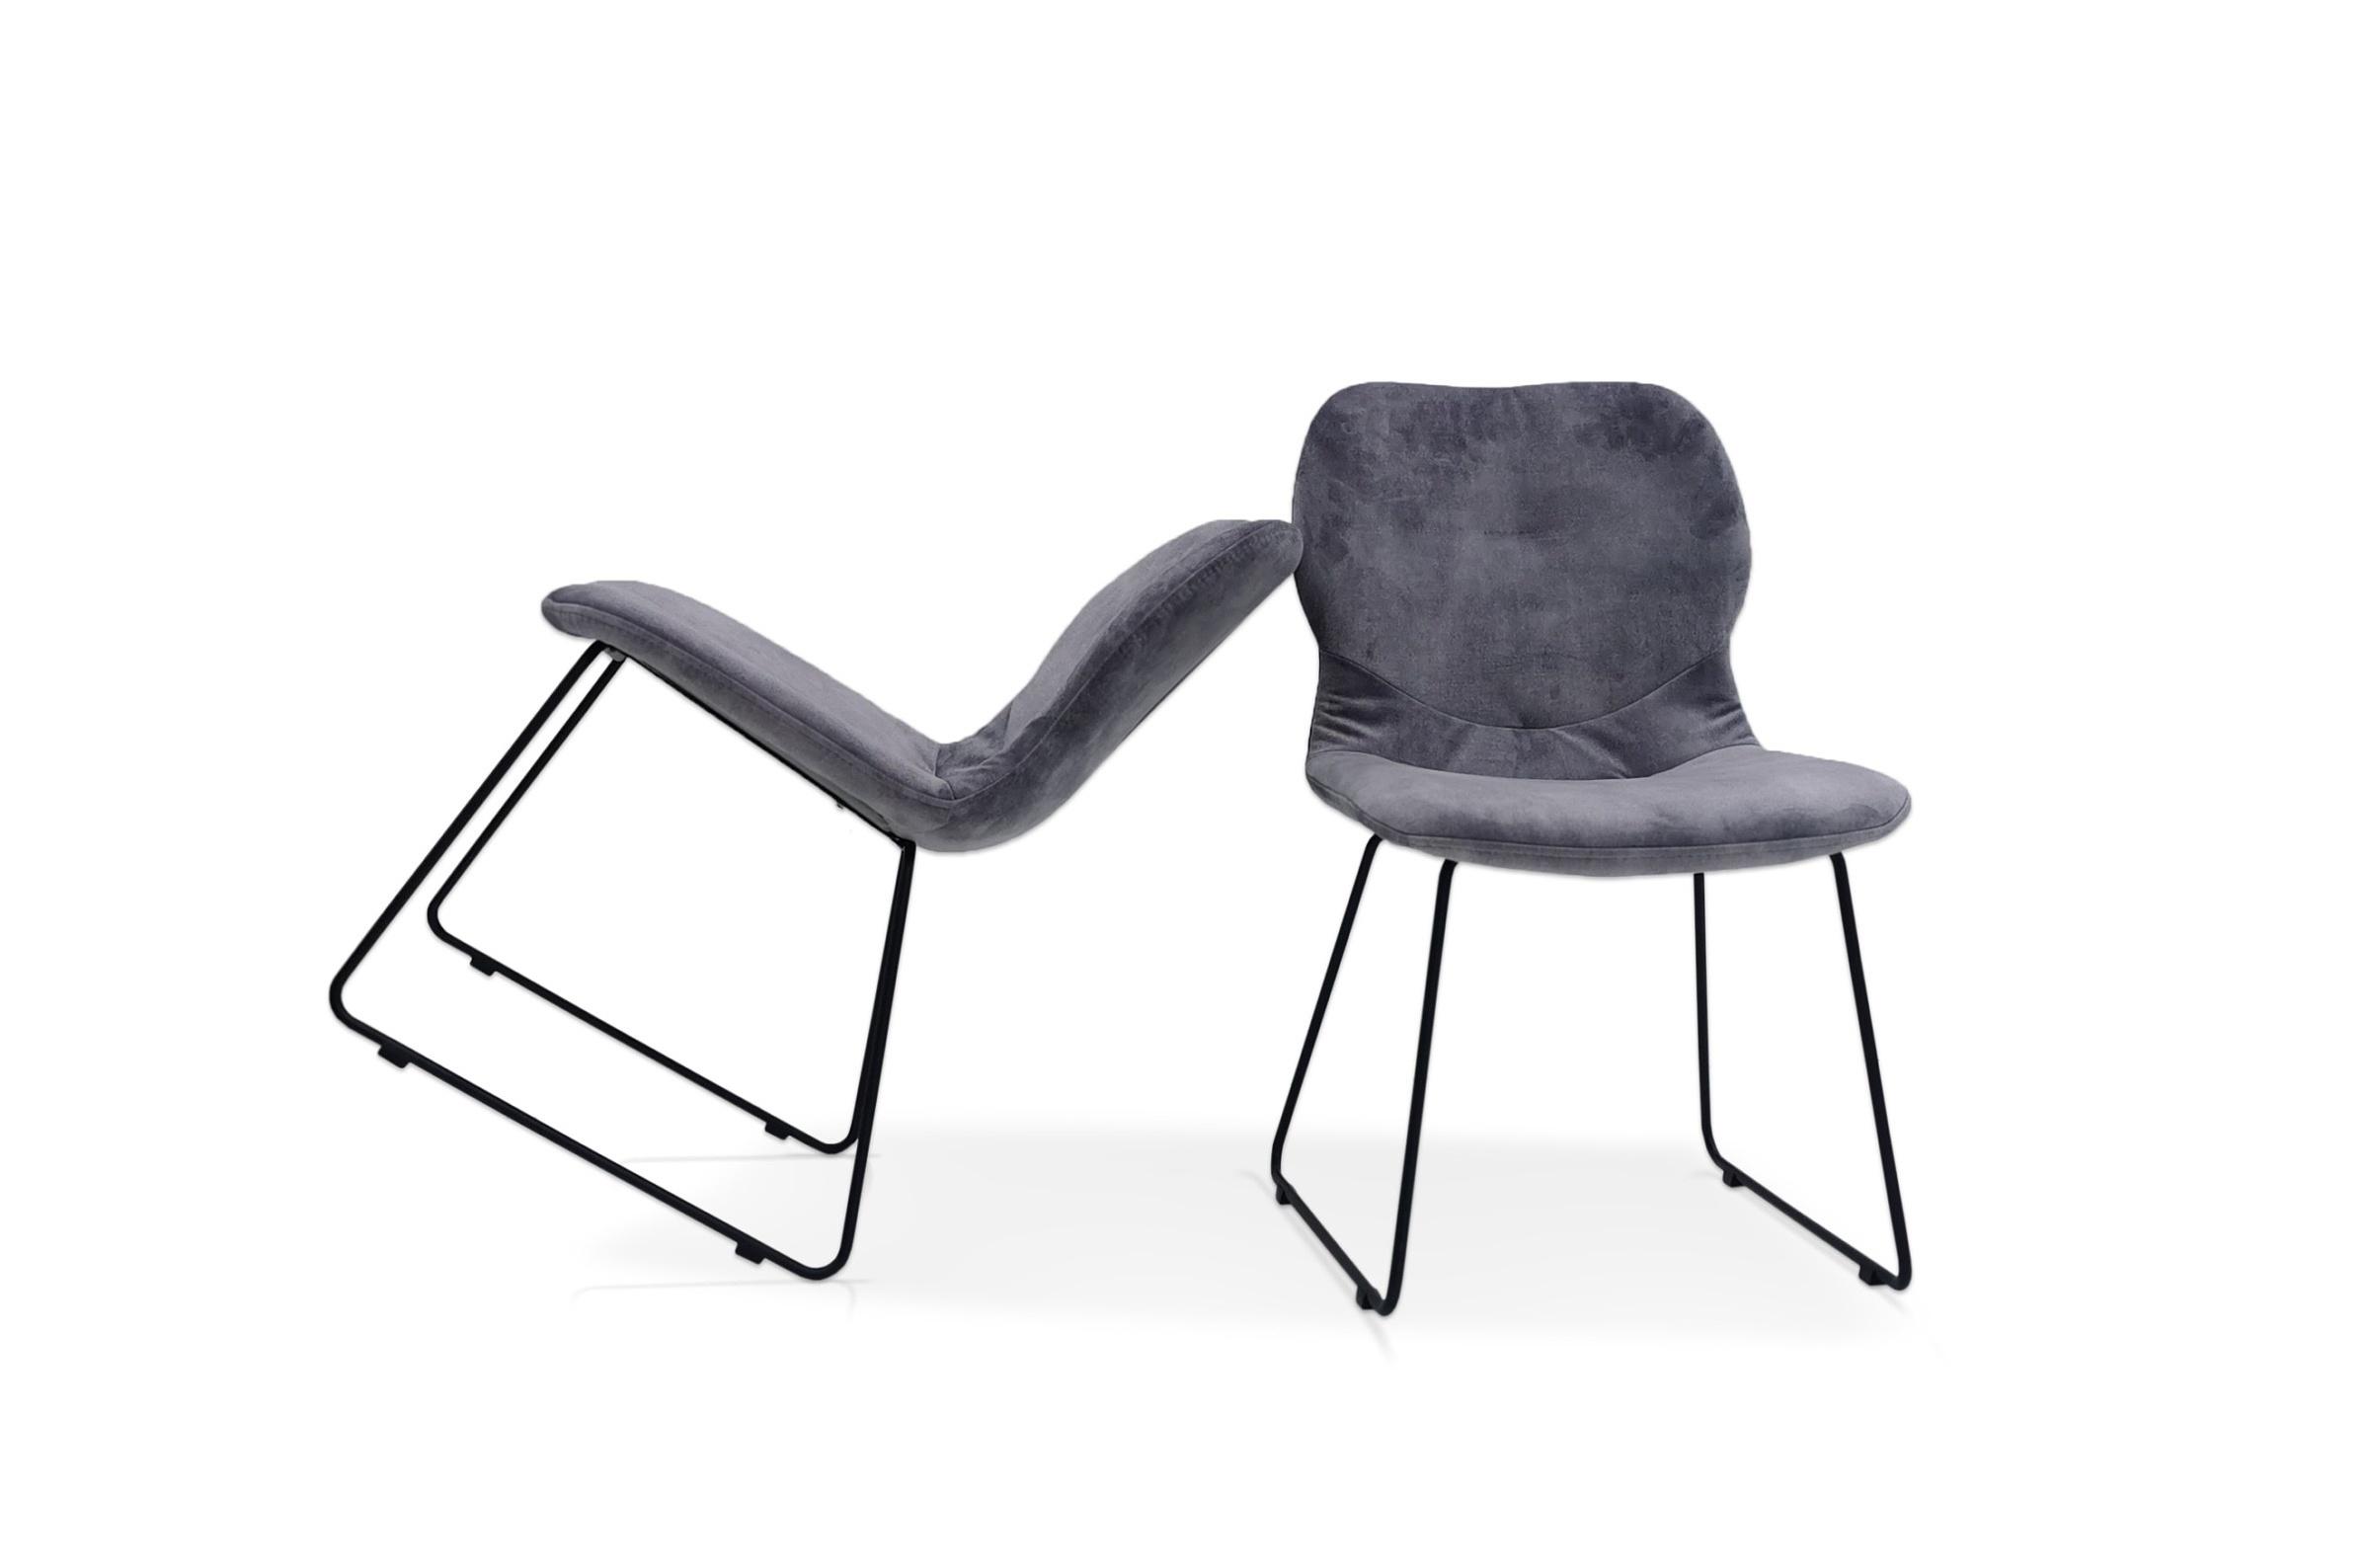 Krzesła do nowoczesnego domu w szerokiej gamie kolorów 2